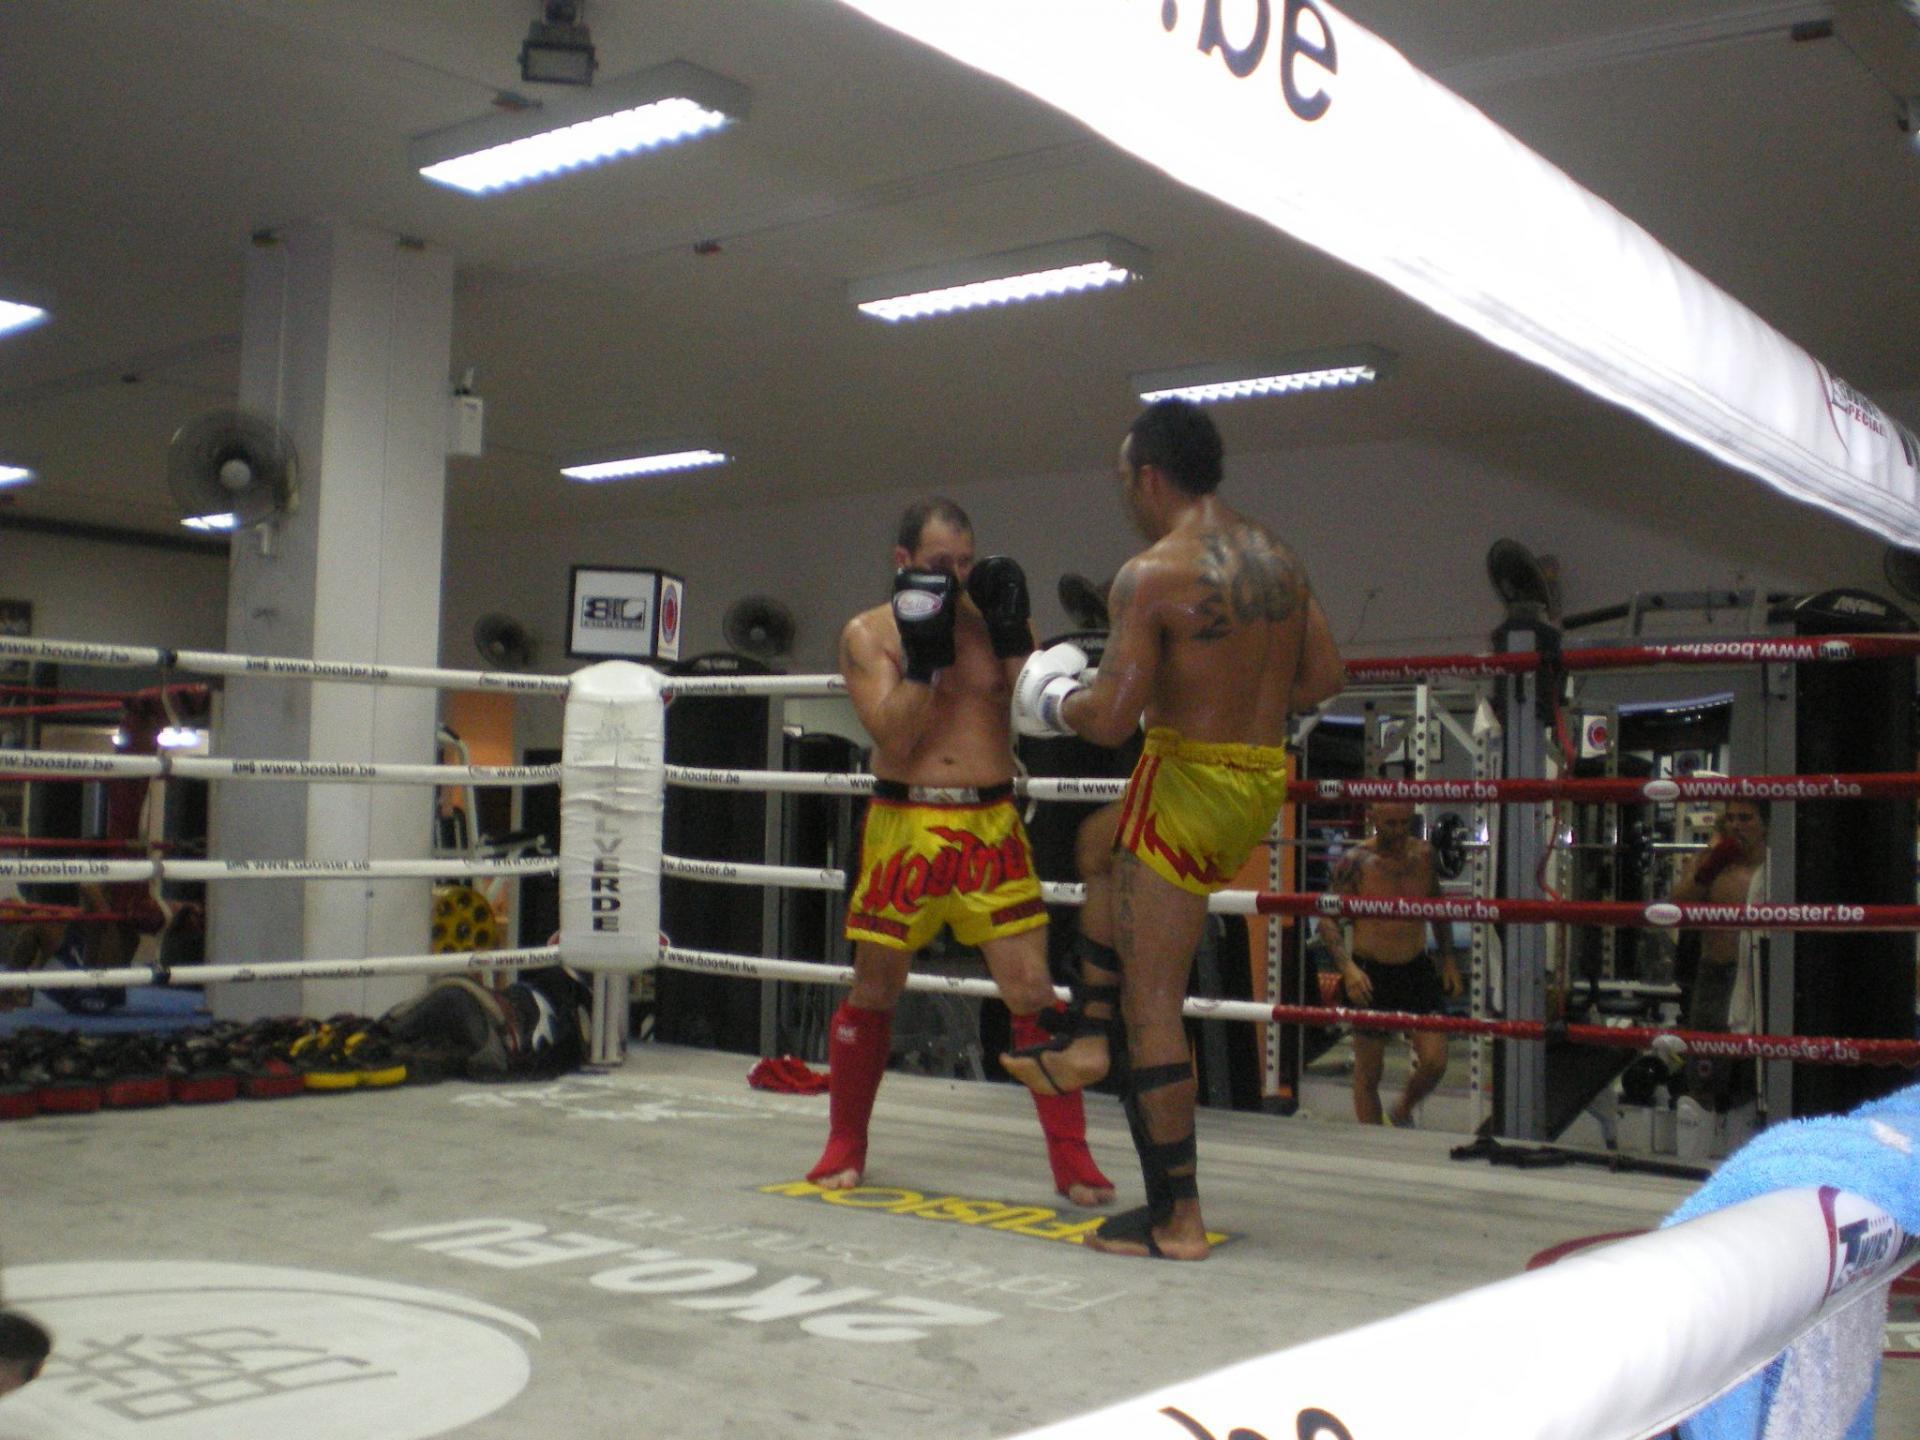 Sparring-partner pour mon ami, Thaï-cambodgien, statut